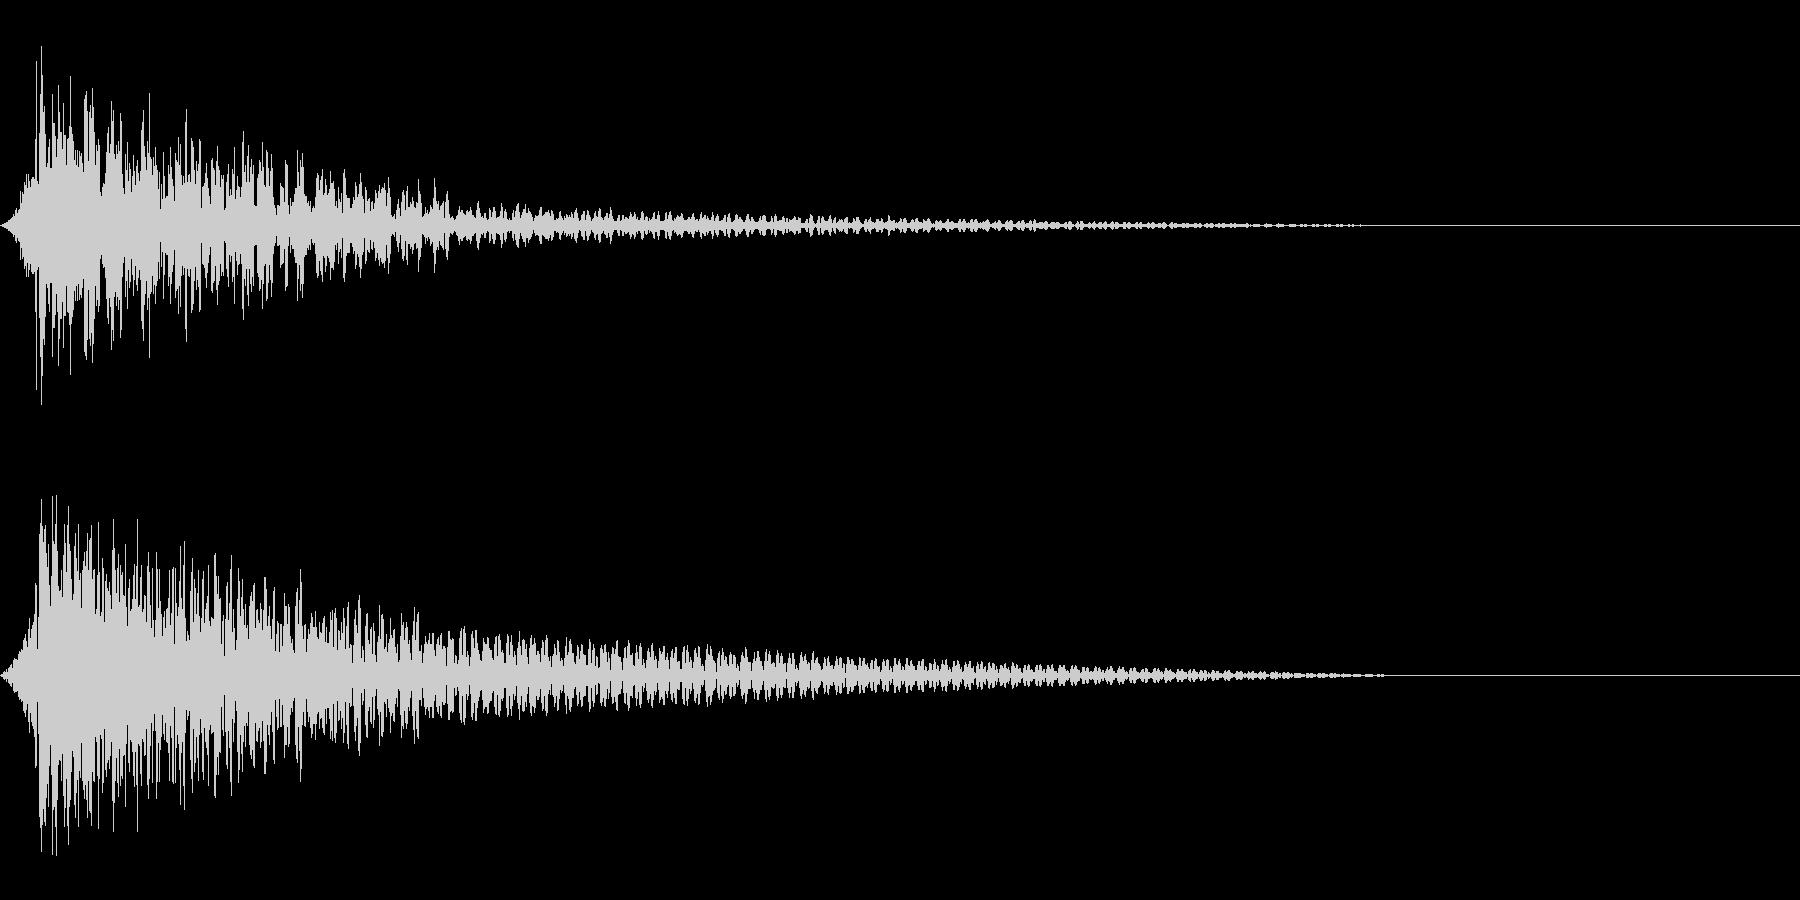 ホラー系アタック音97の未再生の波形